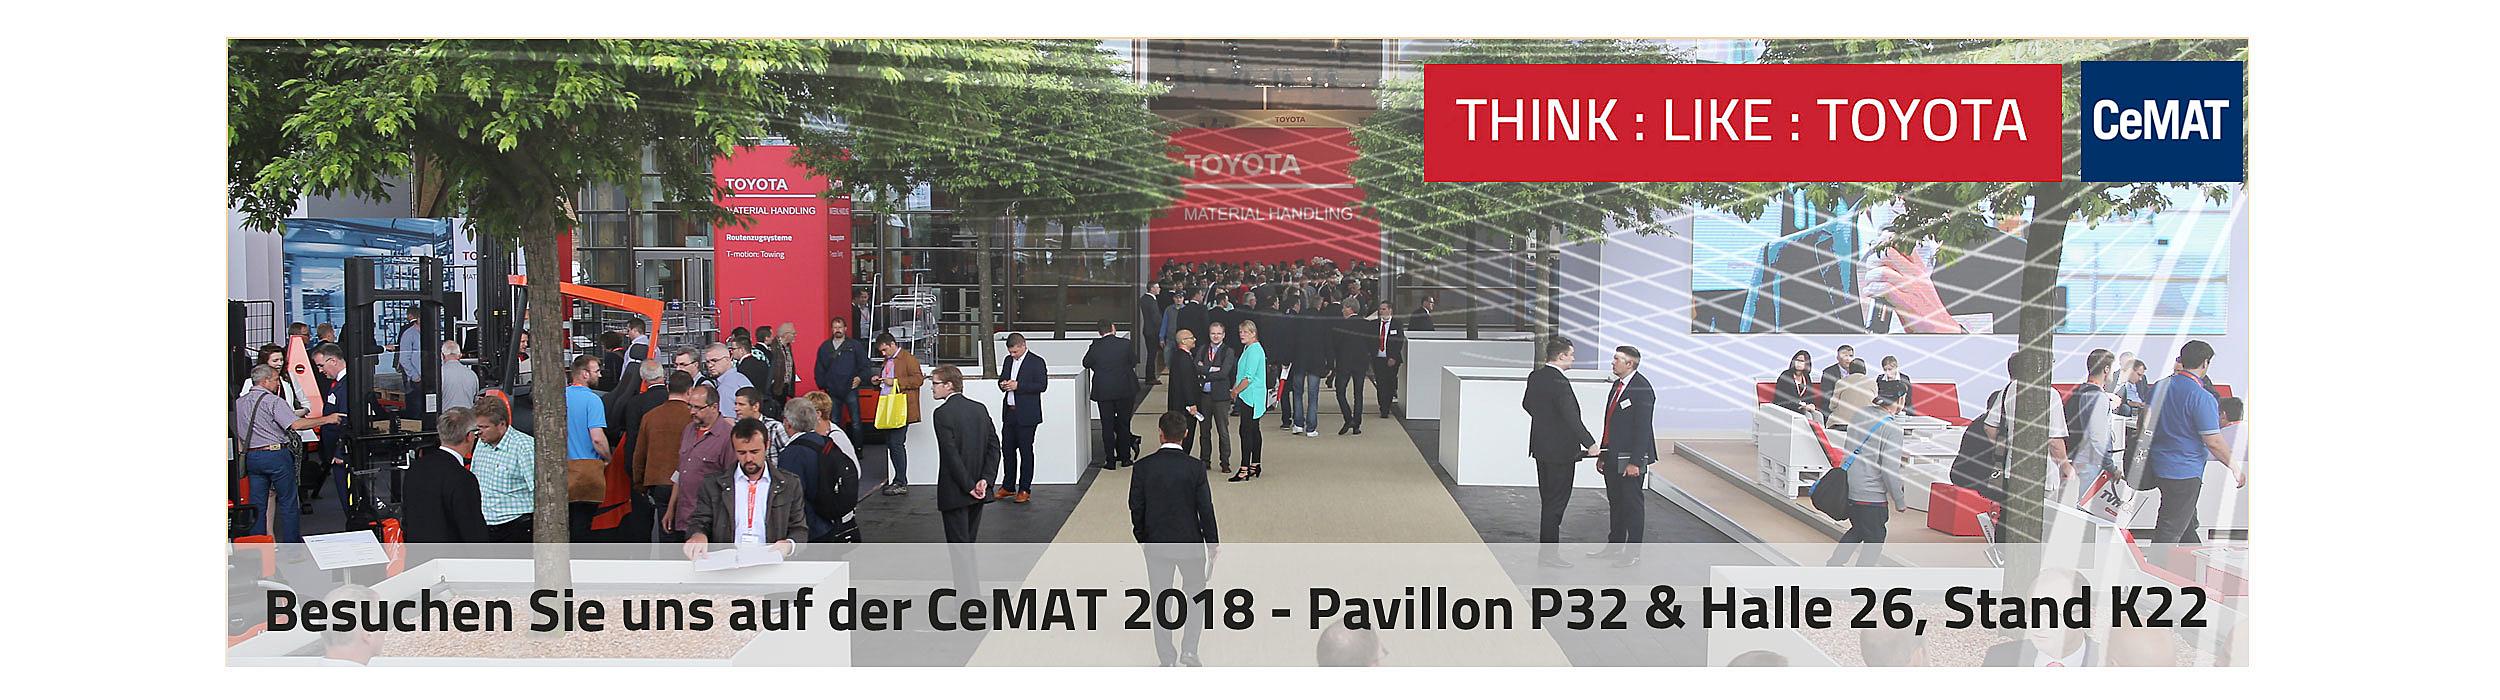 Toyota auf der CeMAT 2018